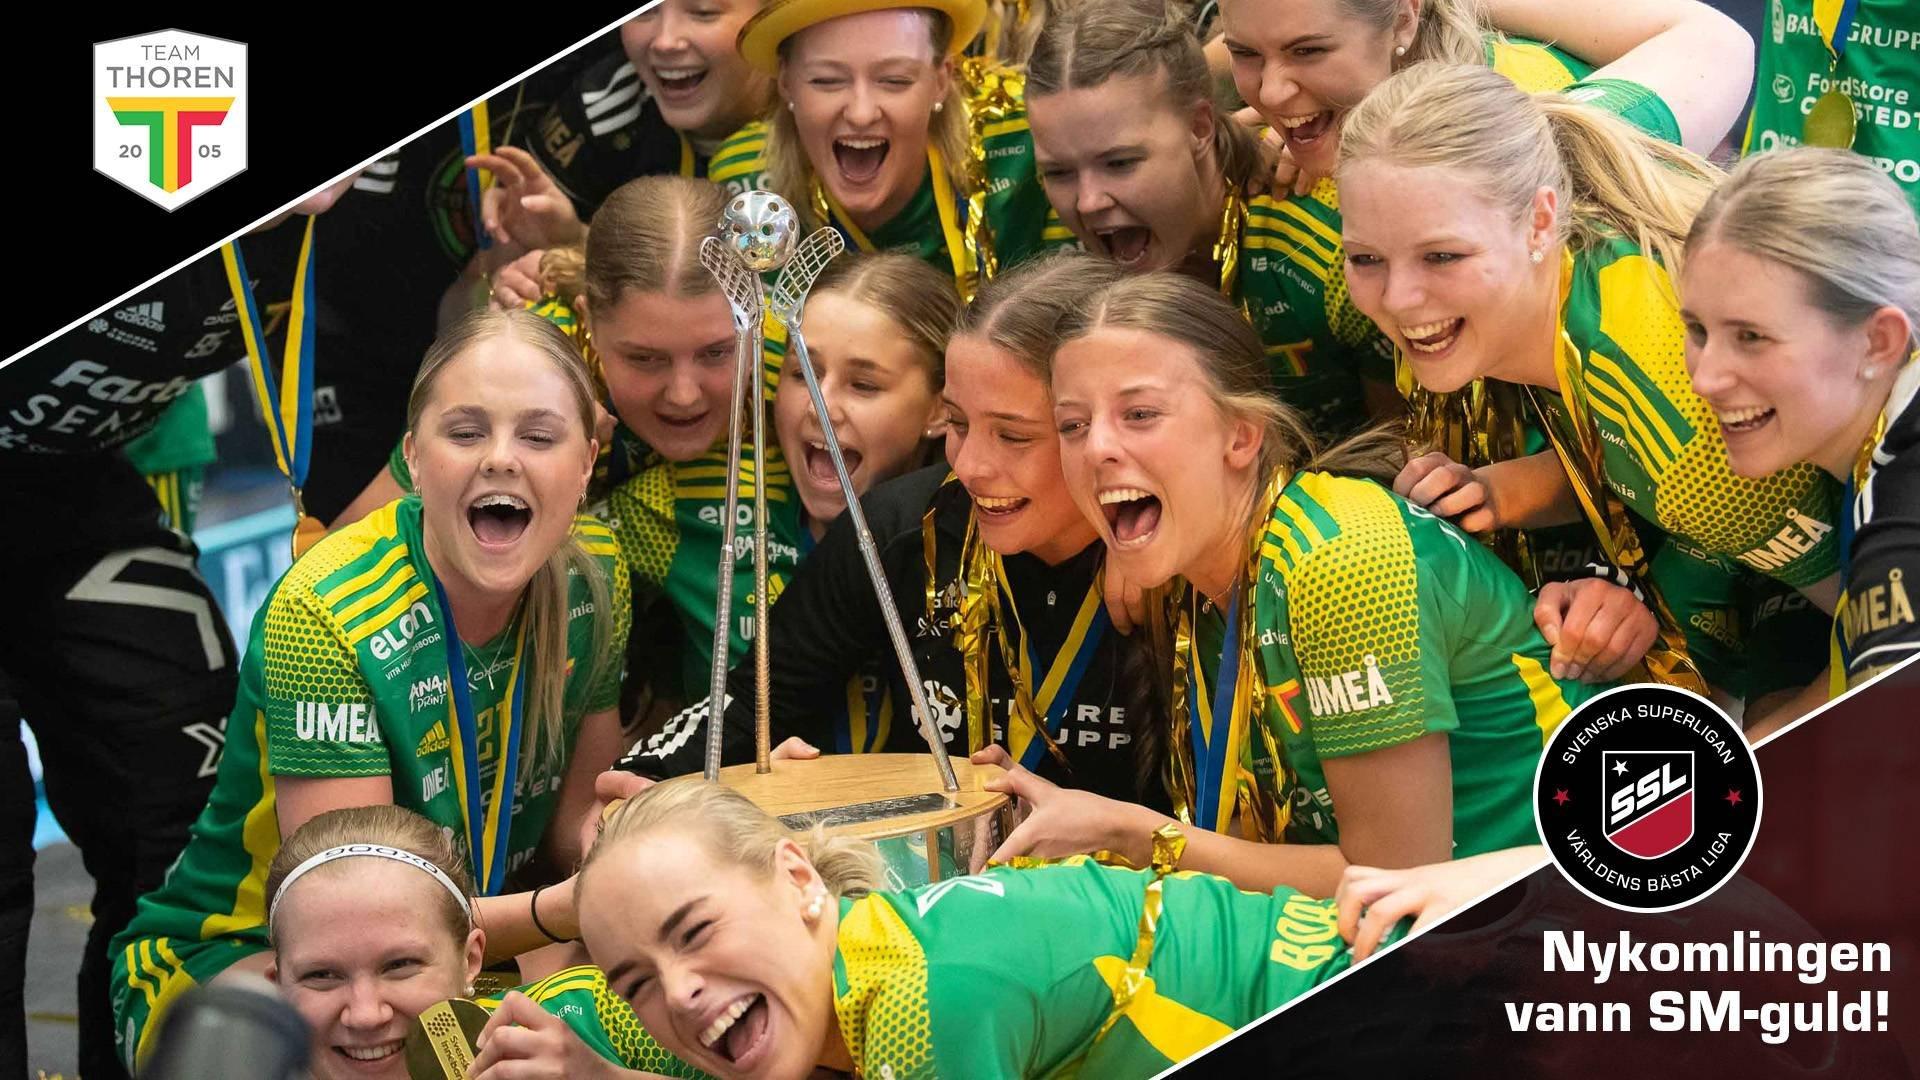 Veckans Wow: Nykomlingen vann SM-guld!